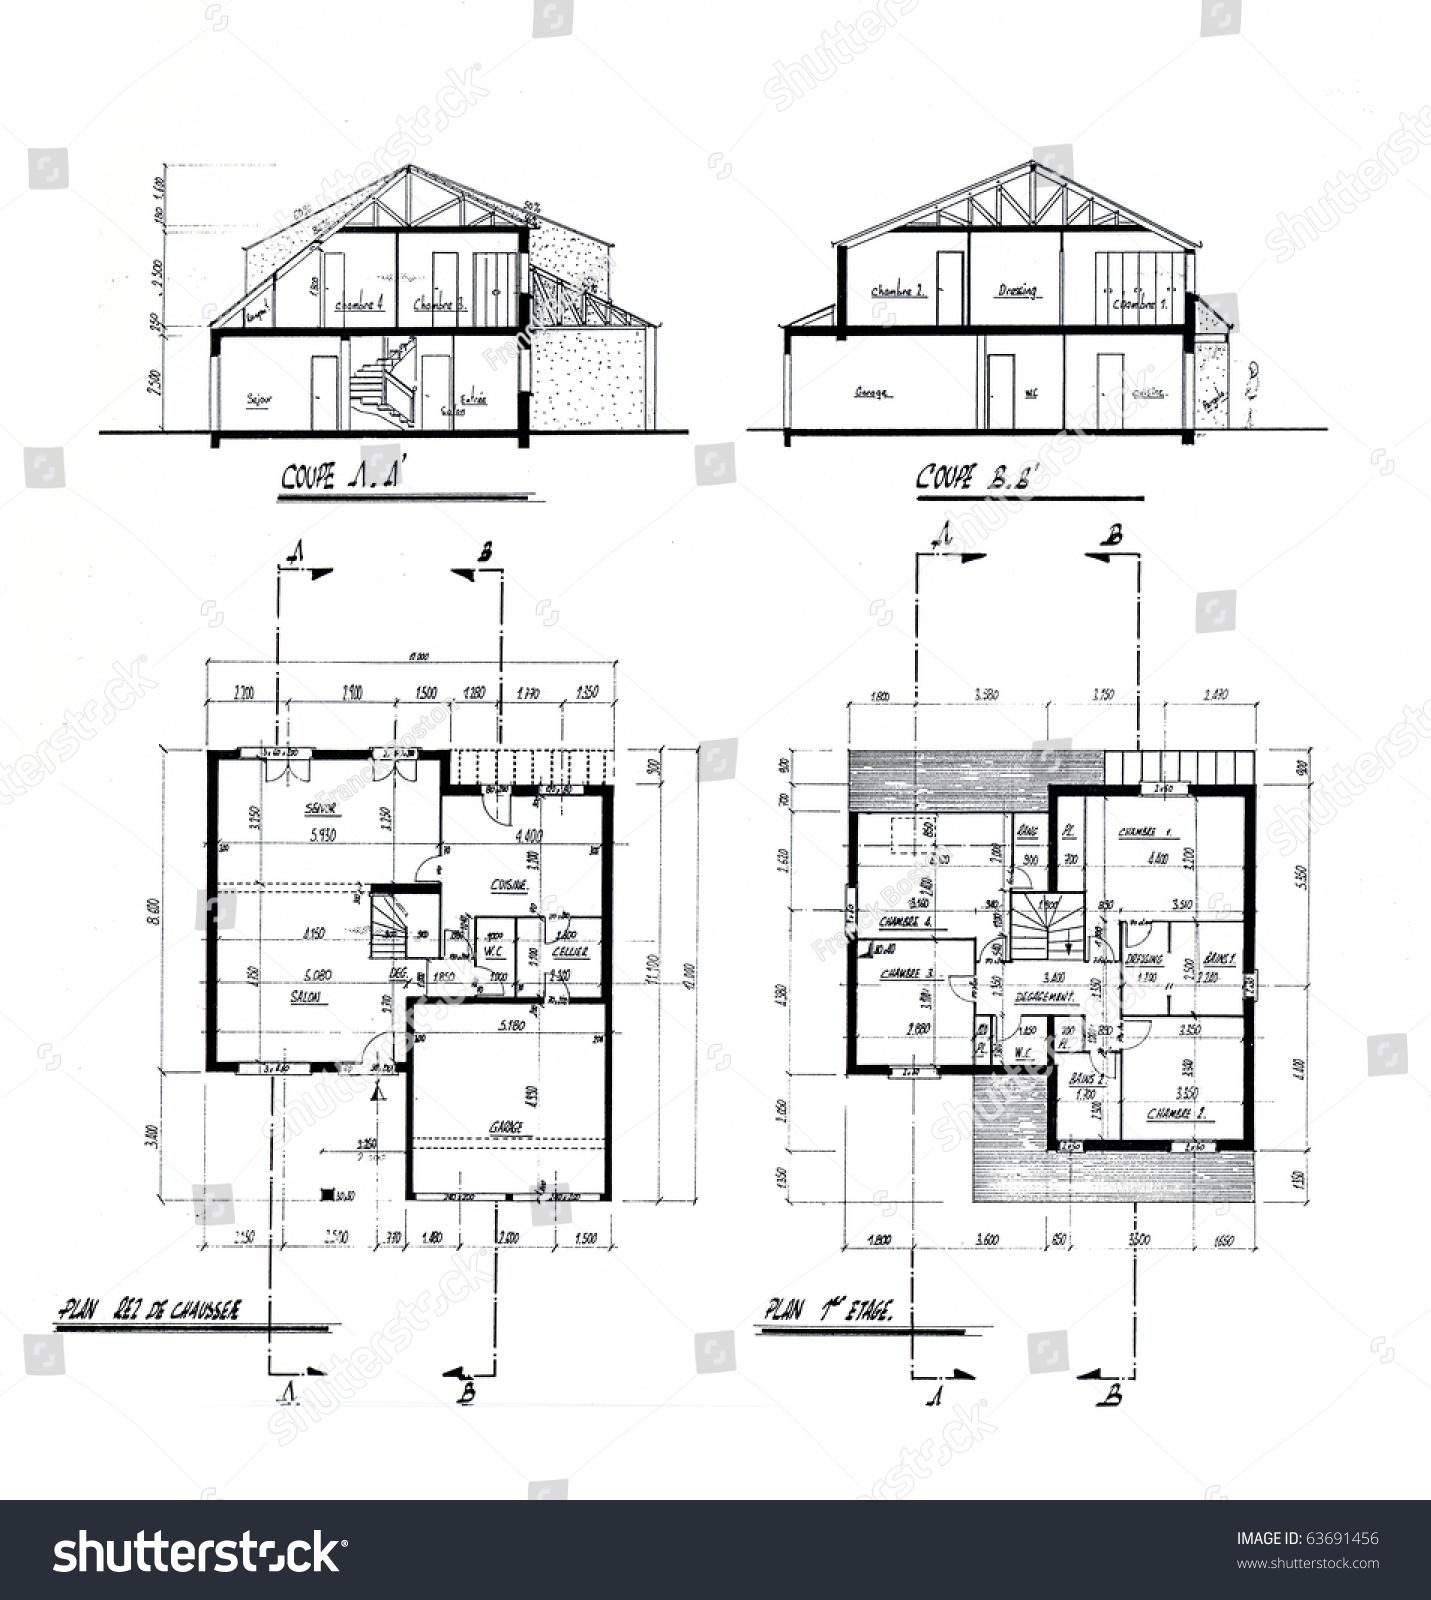 Architecture blueprint explanations handwritten french stock architecture blueprint with explanations handwritten in french malvernweather Images